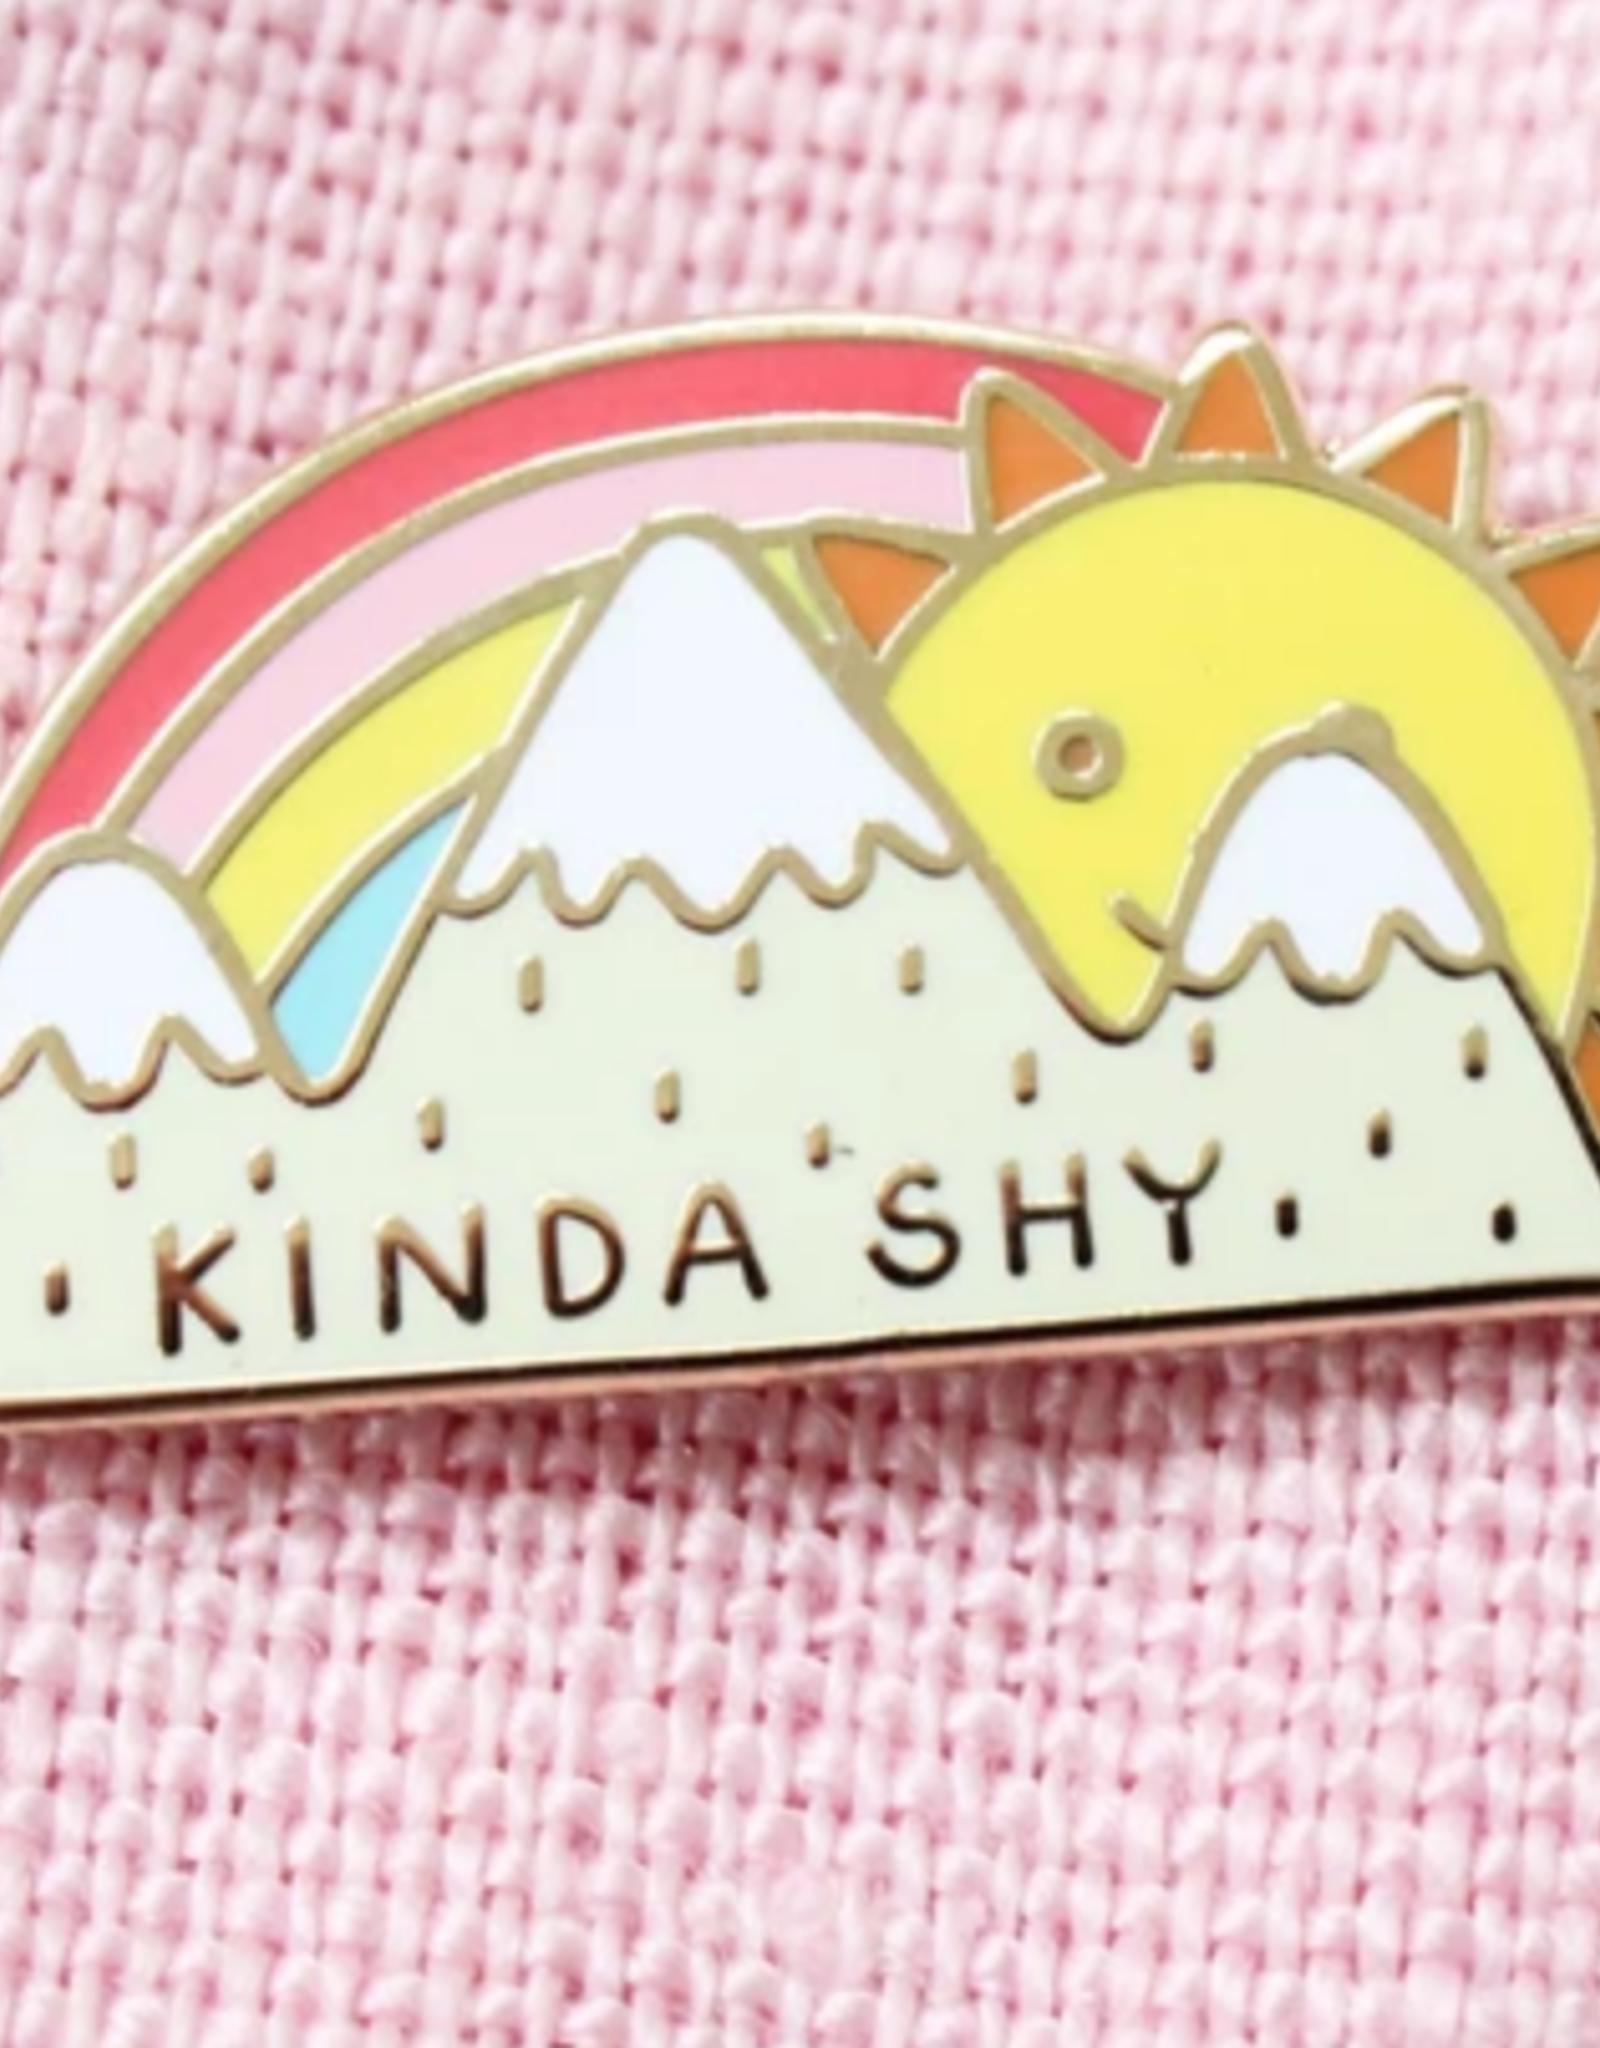 Kinda Shy Sun & Mountains Pin